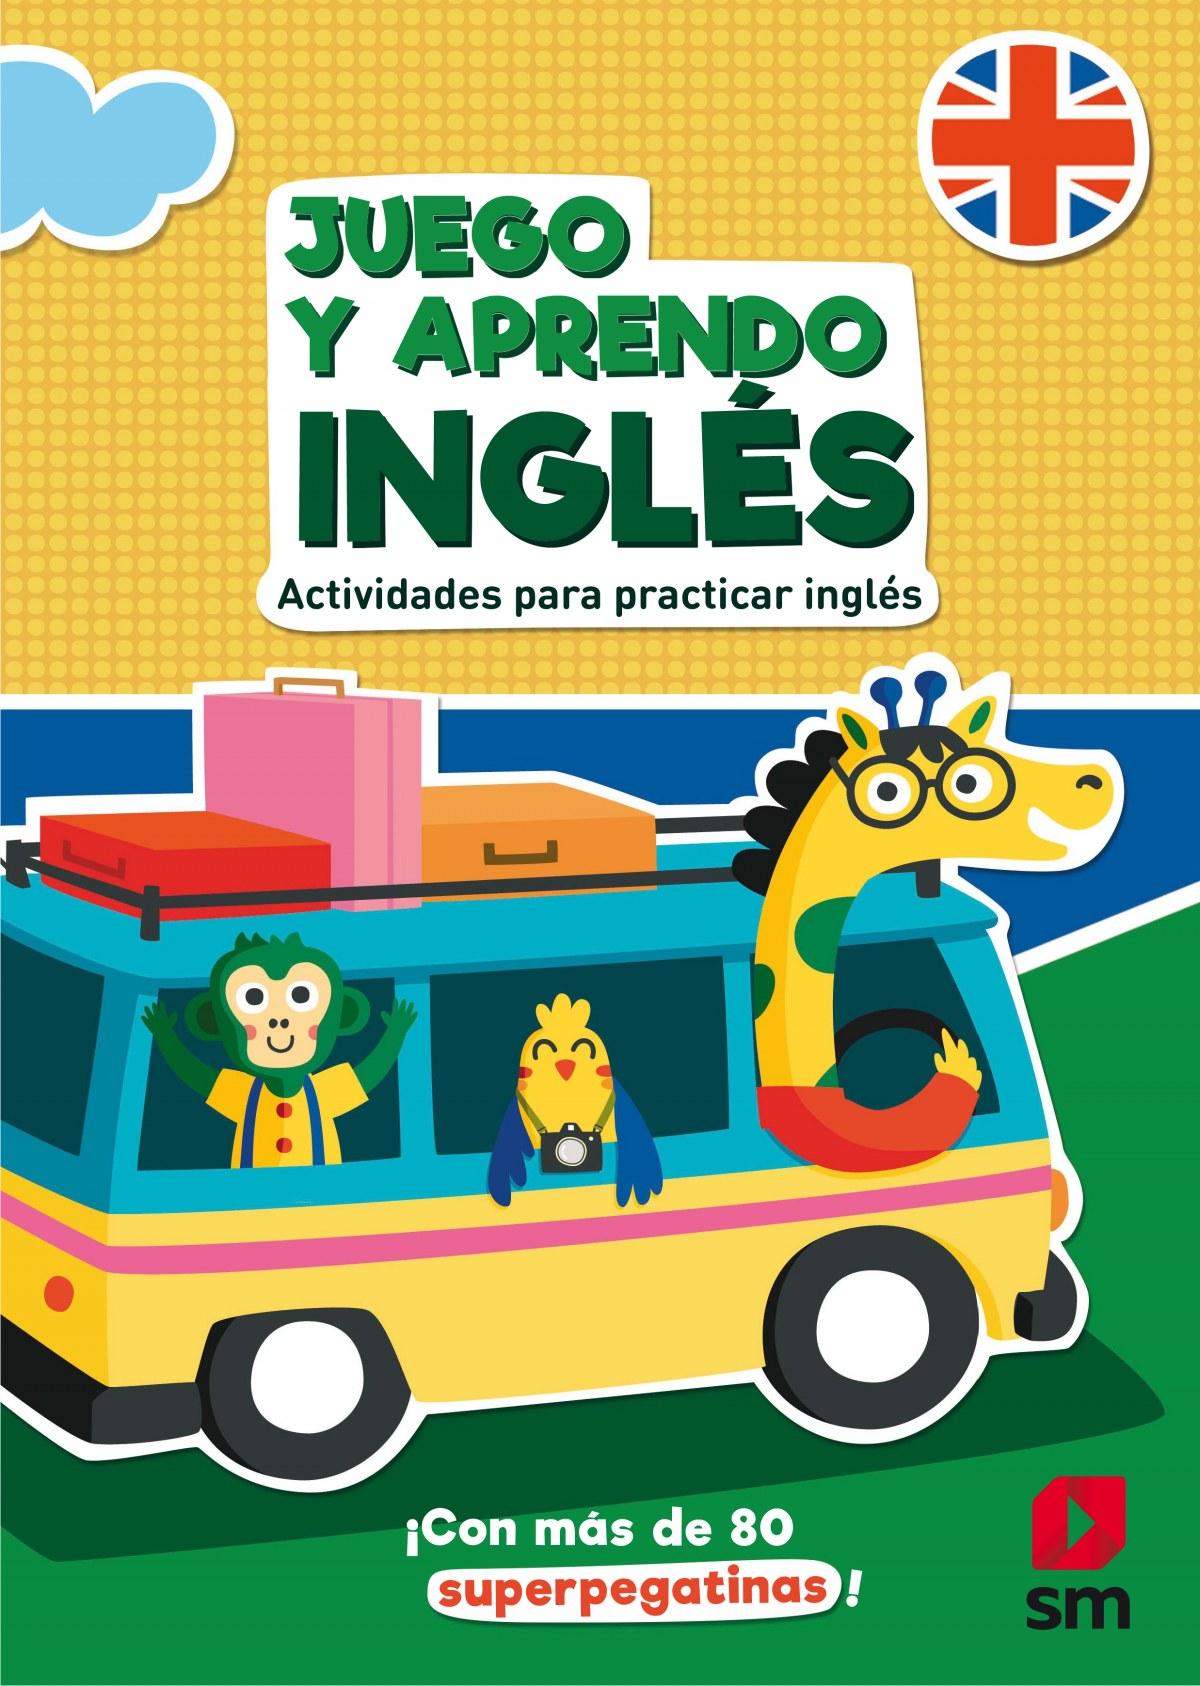 JUEGO Y APRENDO INGLÉS 9788467591712